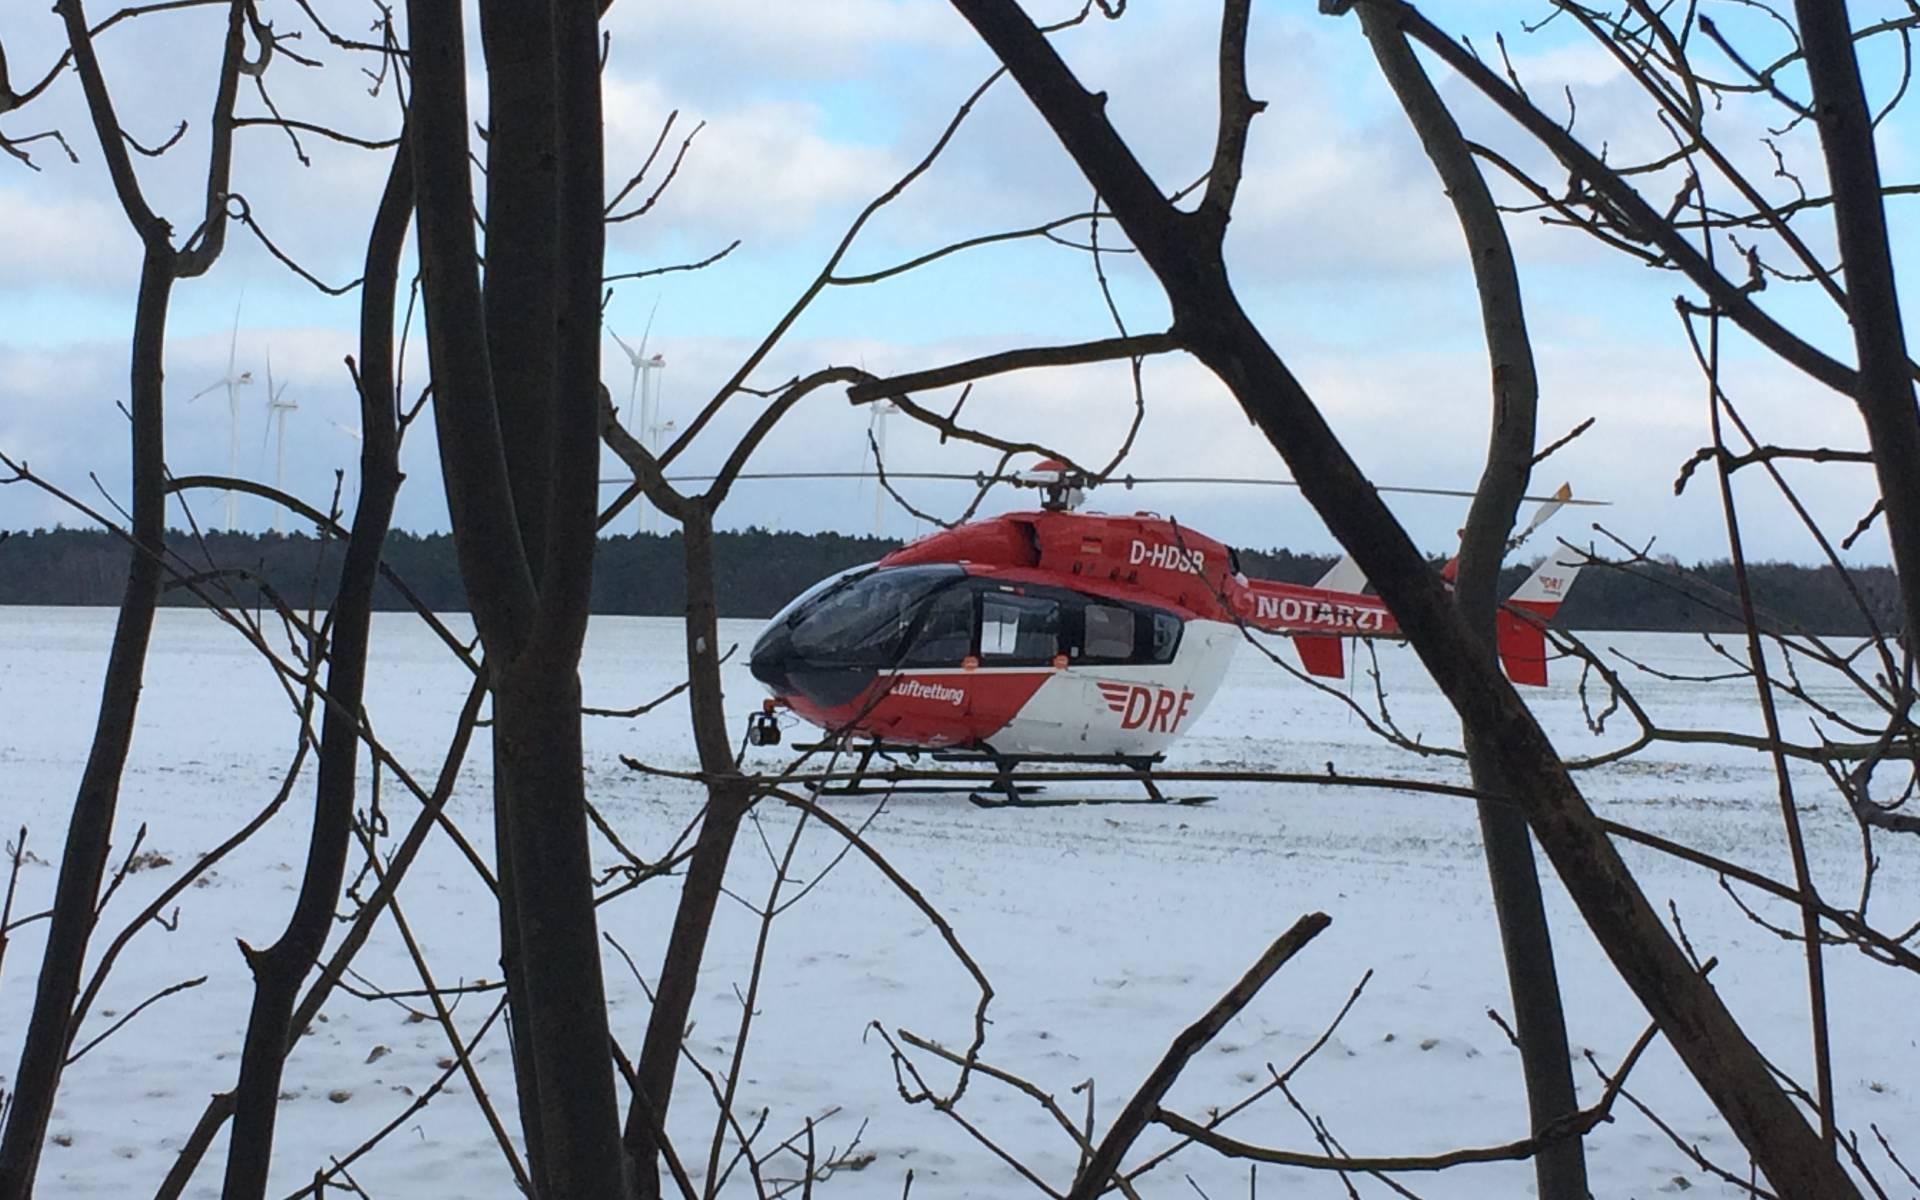 Der Hubschrauber der DRF Luftrettung aus der Hauptstadt landete auf einem Feld direkt neben der Unfallstelle.